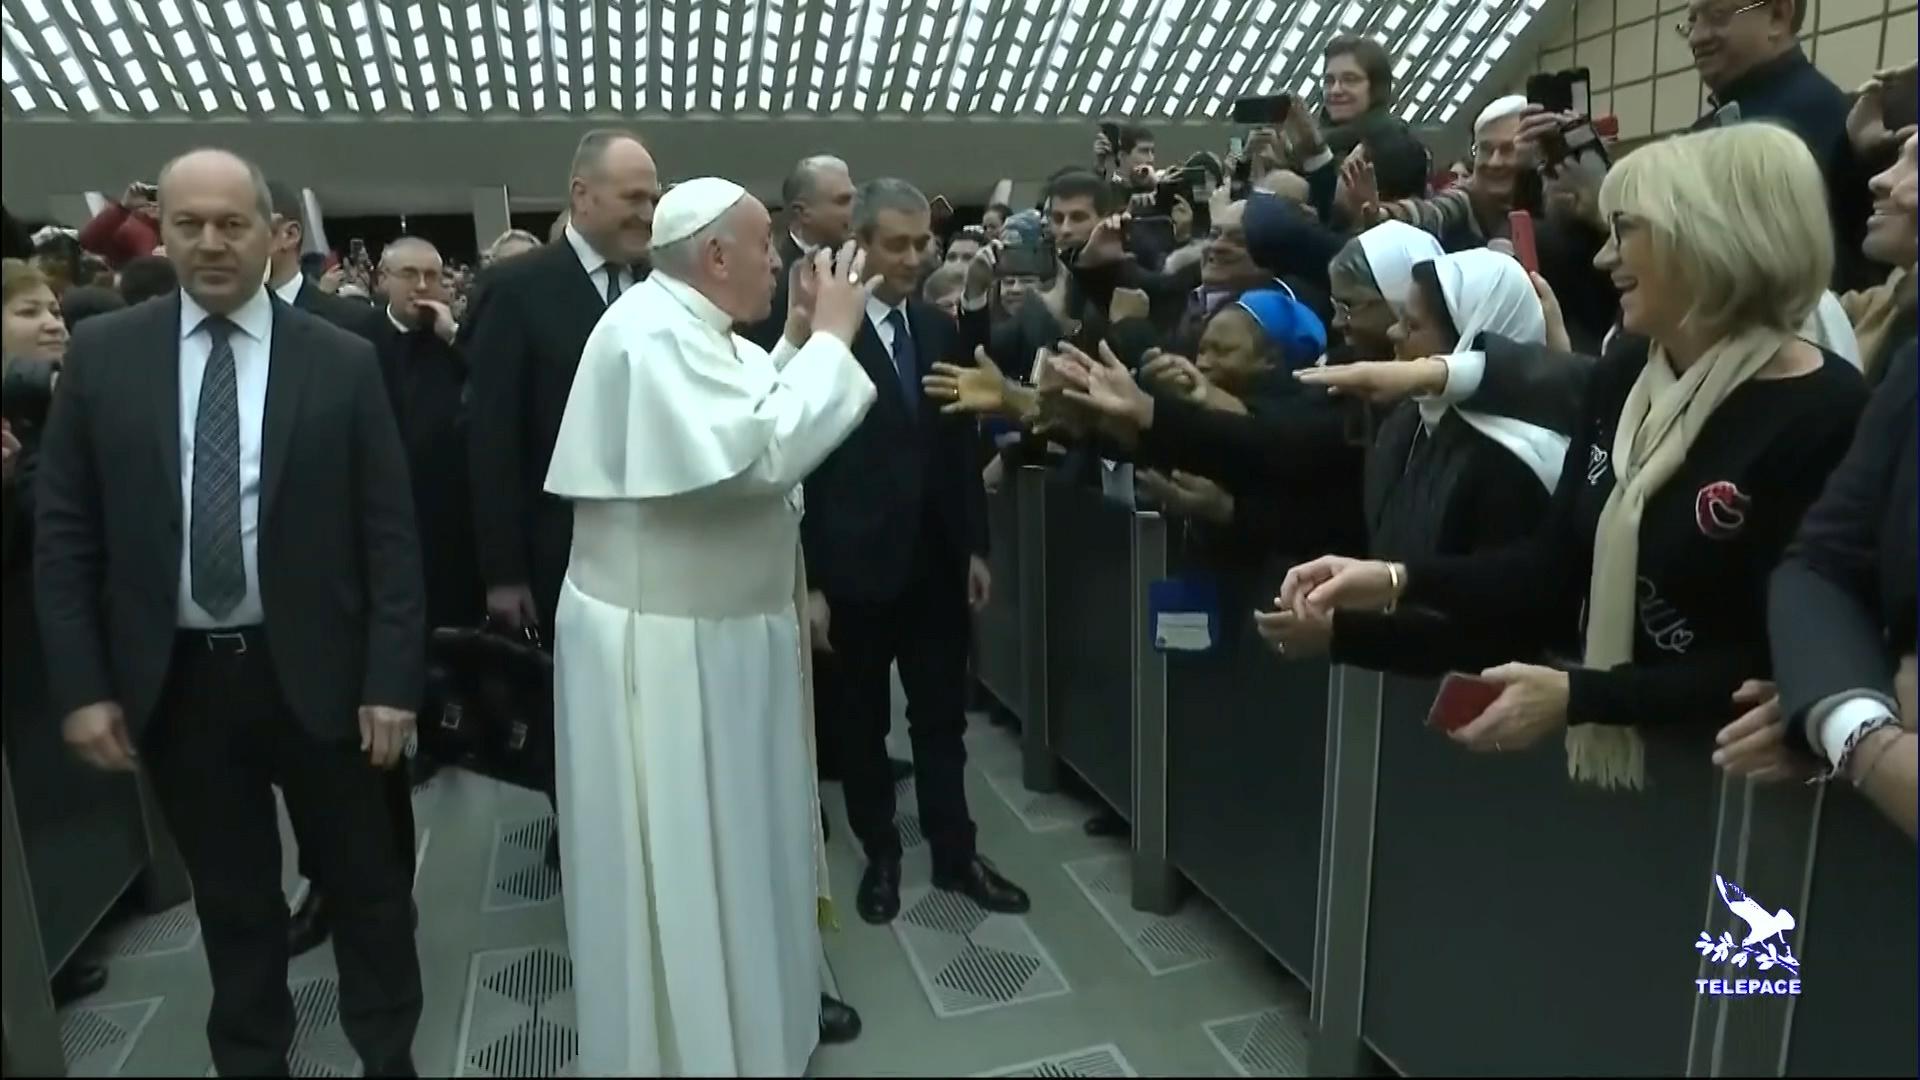 Papa Franjo poljubio časnu sestru / Reuters